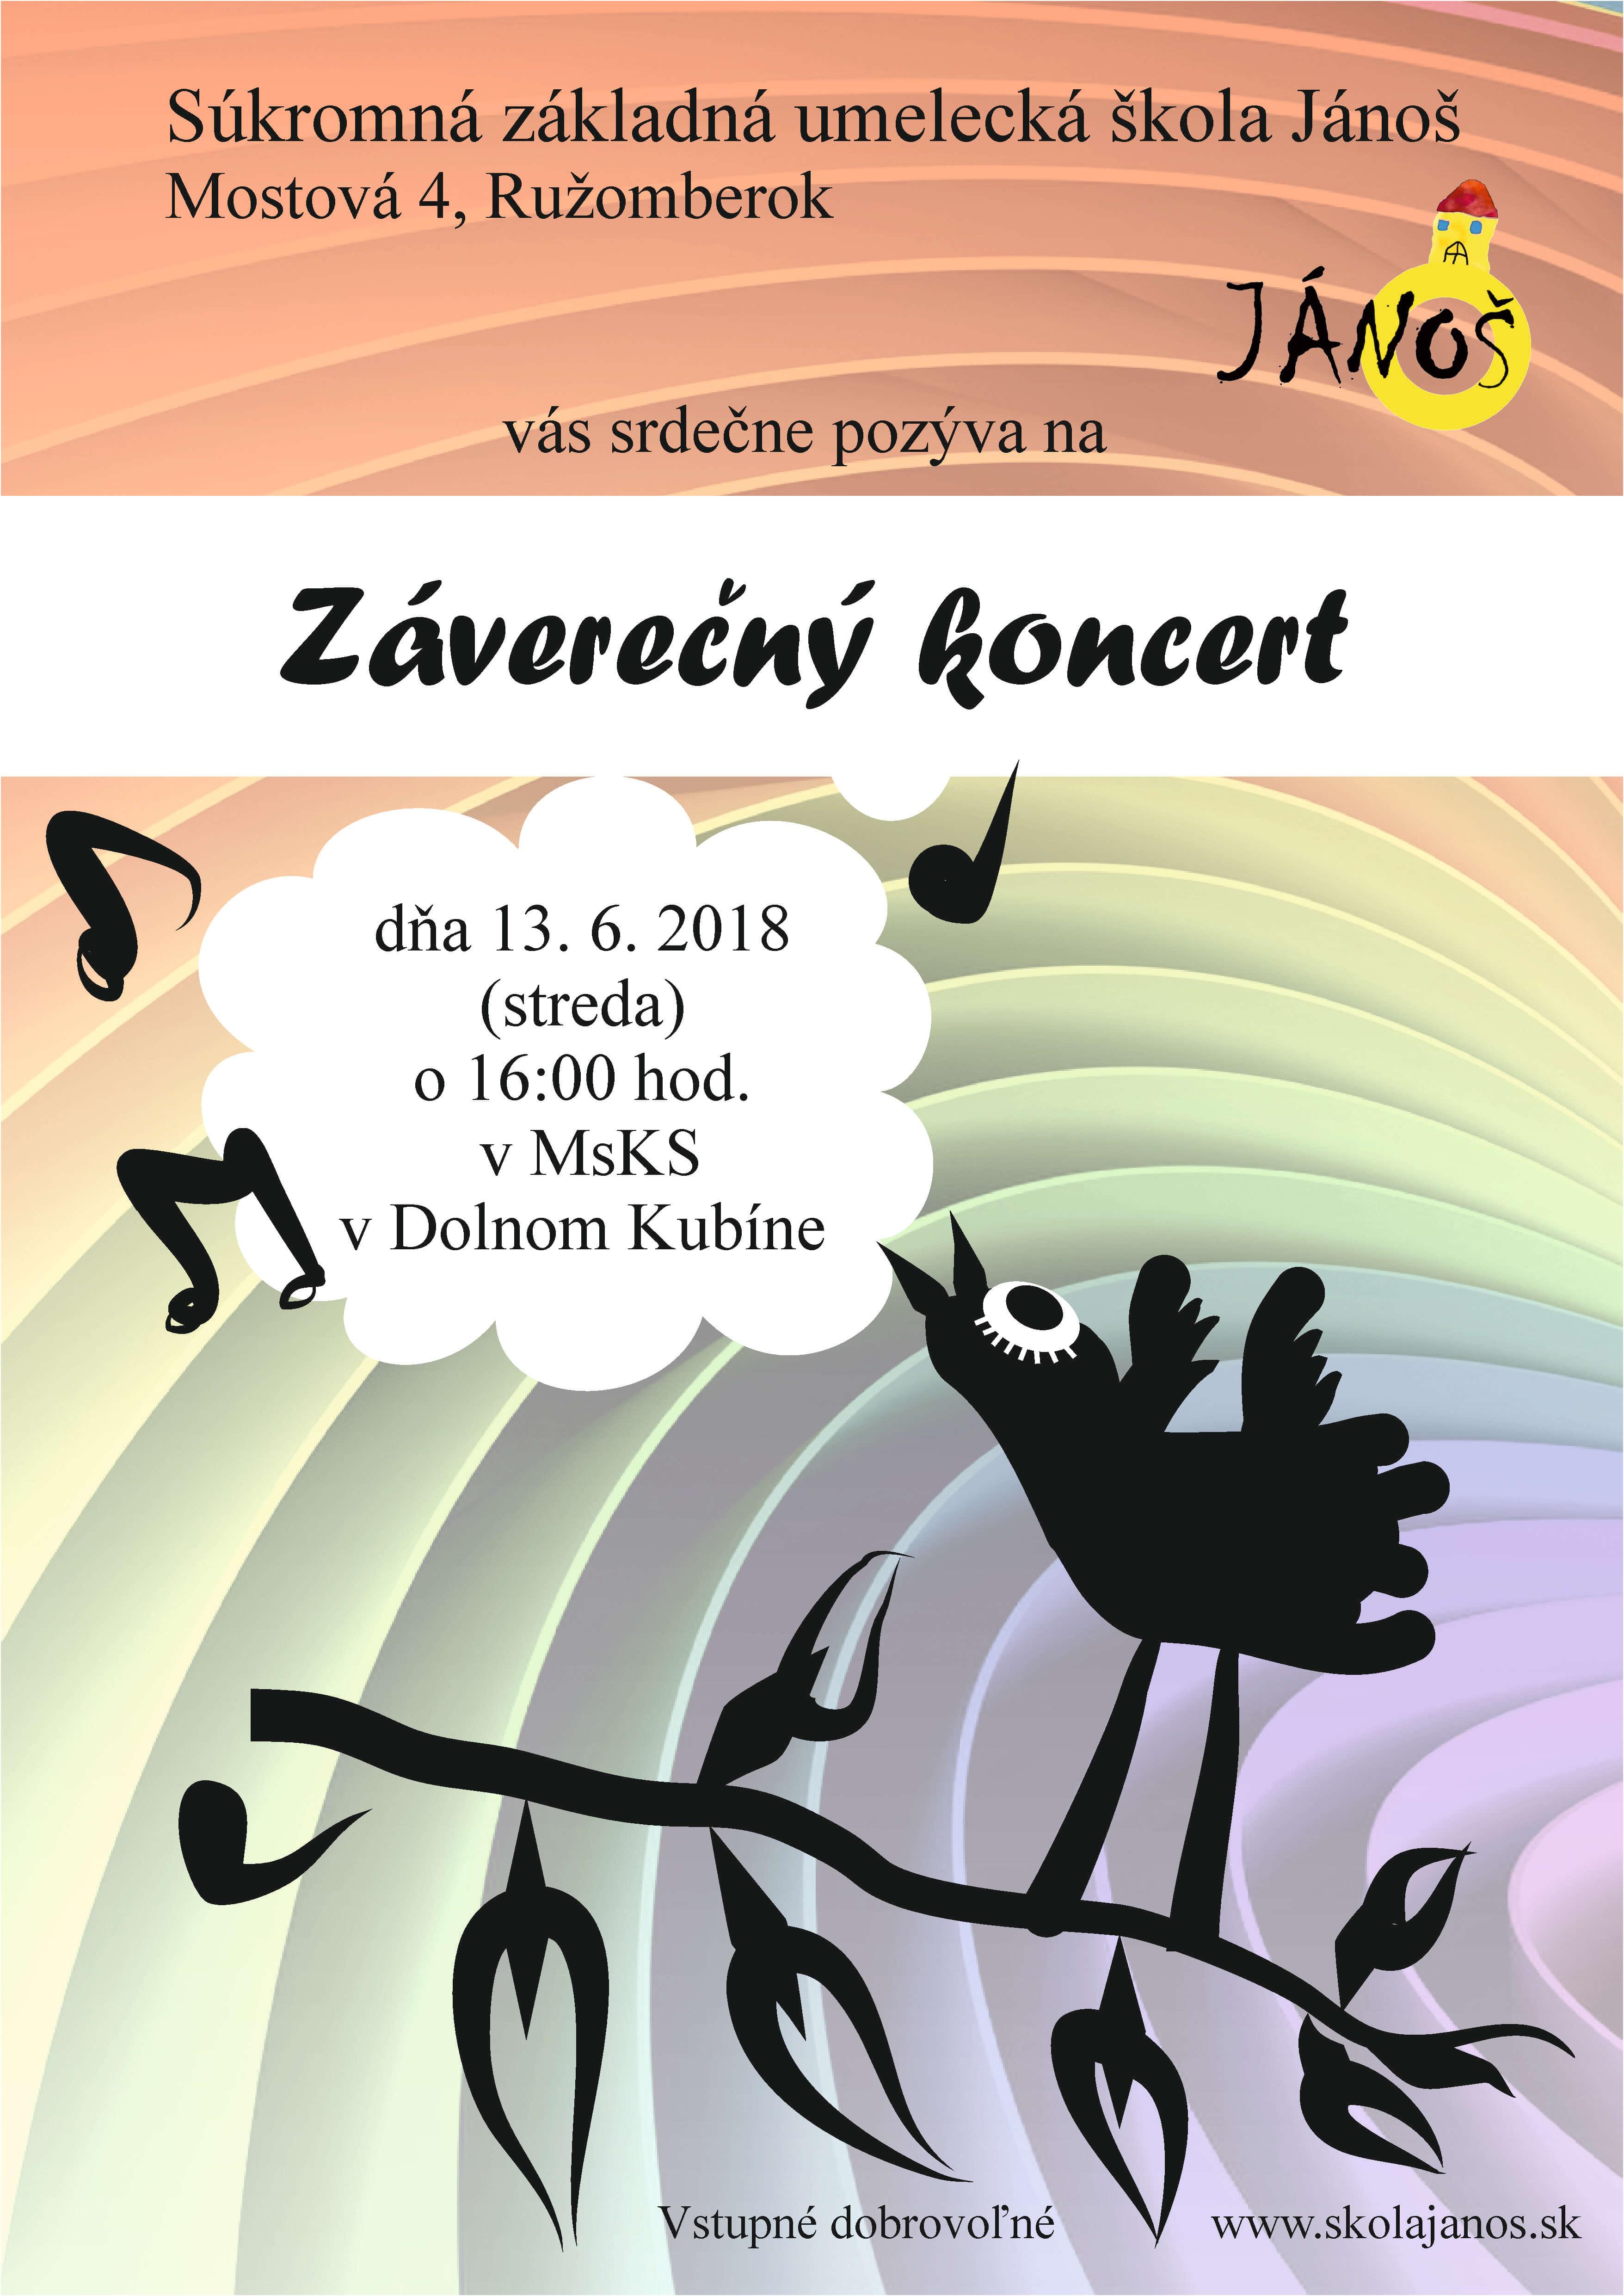 Záverečný koncert DK